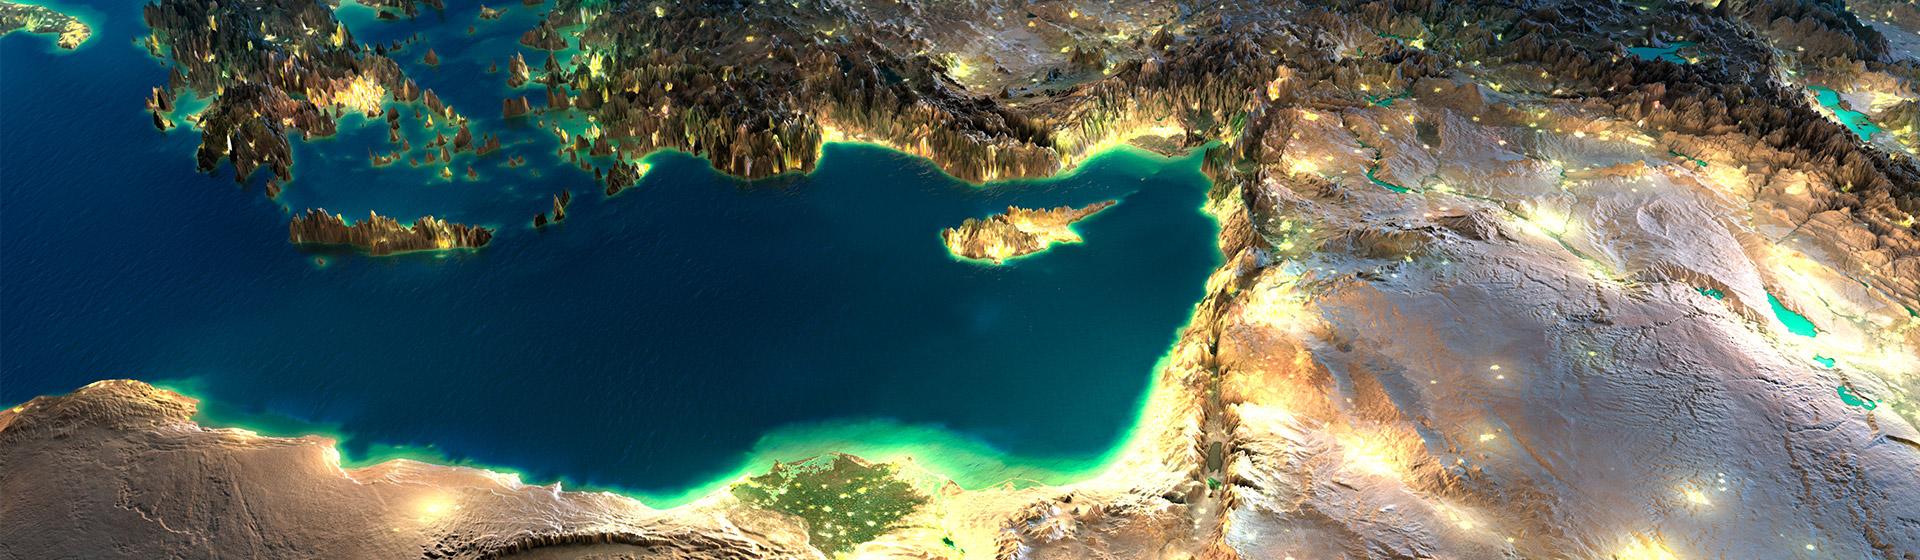 מפה תלת מימדית - טורקיה מלמעלה